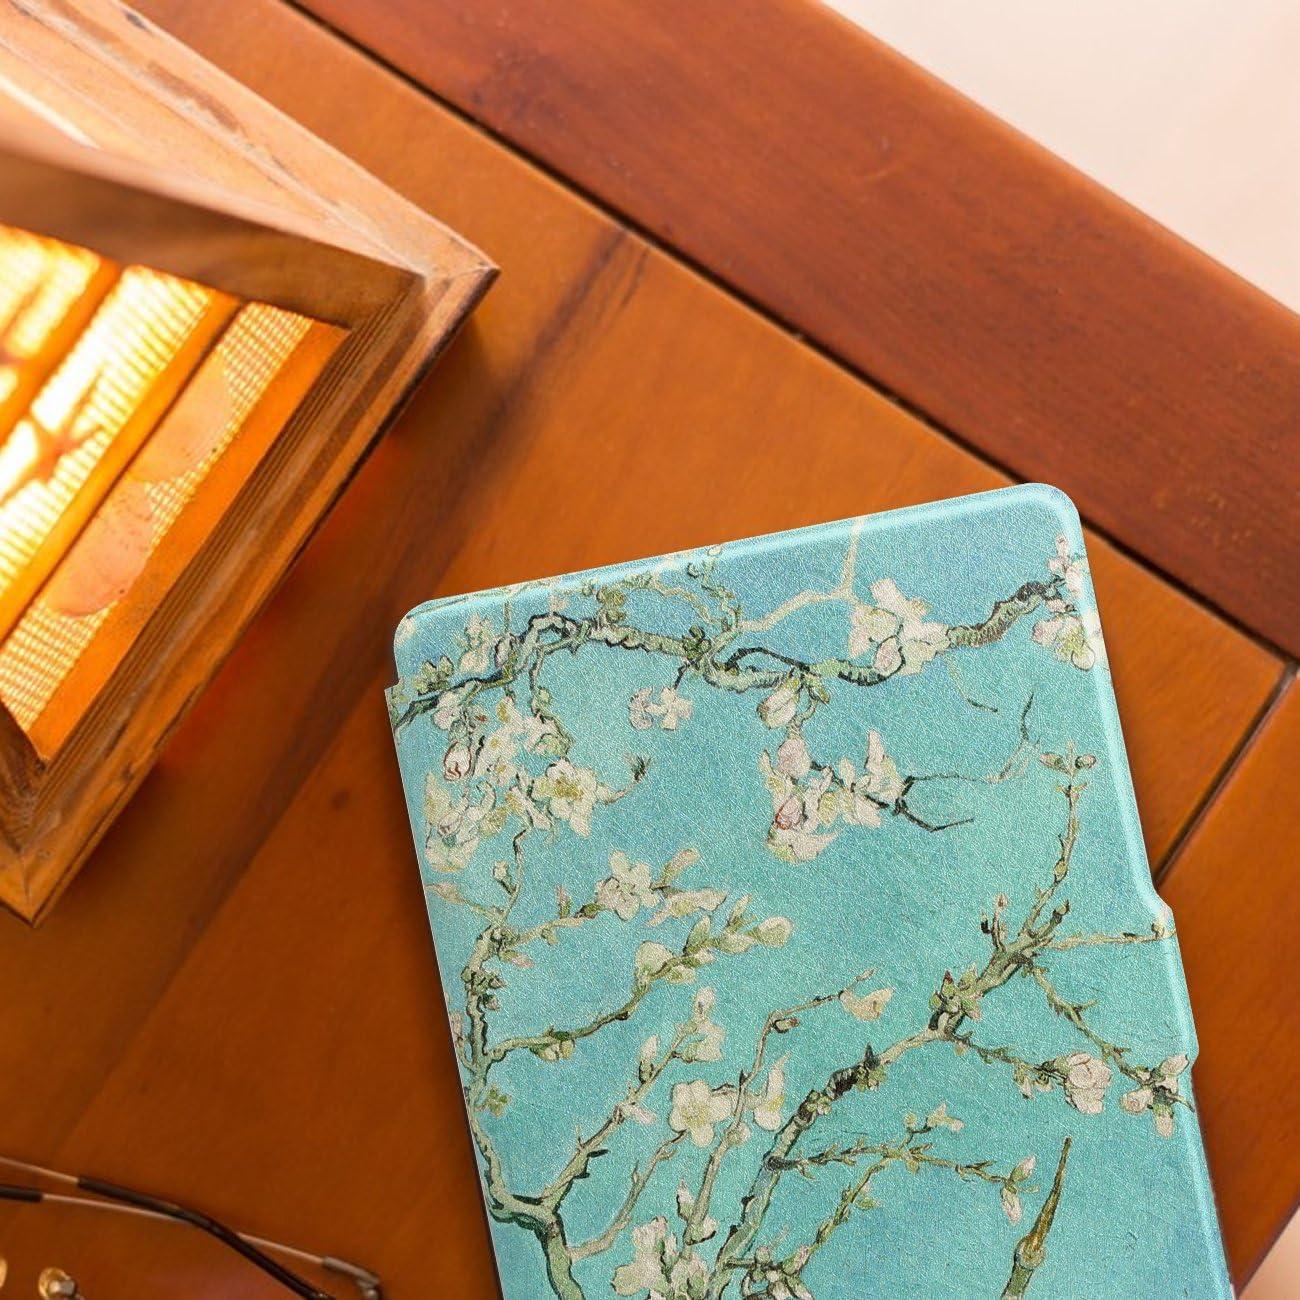 WALNEW  Kindle Paperwhite /Étui Le Plus l/éger et d/ünnste Haute qualit/é Etui en Cuir pour Kindle Paperwhite avec Veille Automatique//Fonction de Repos